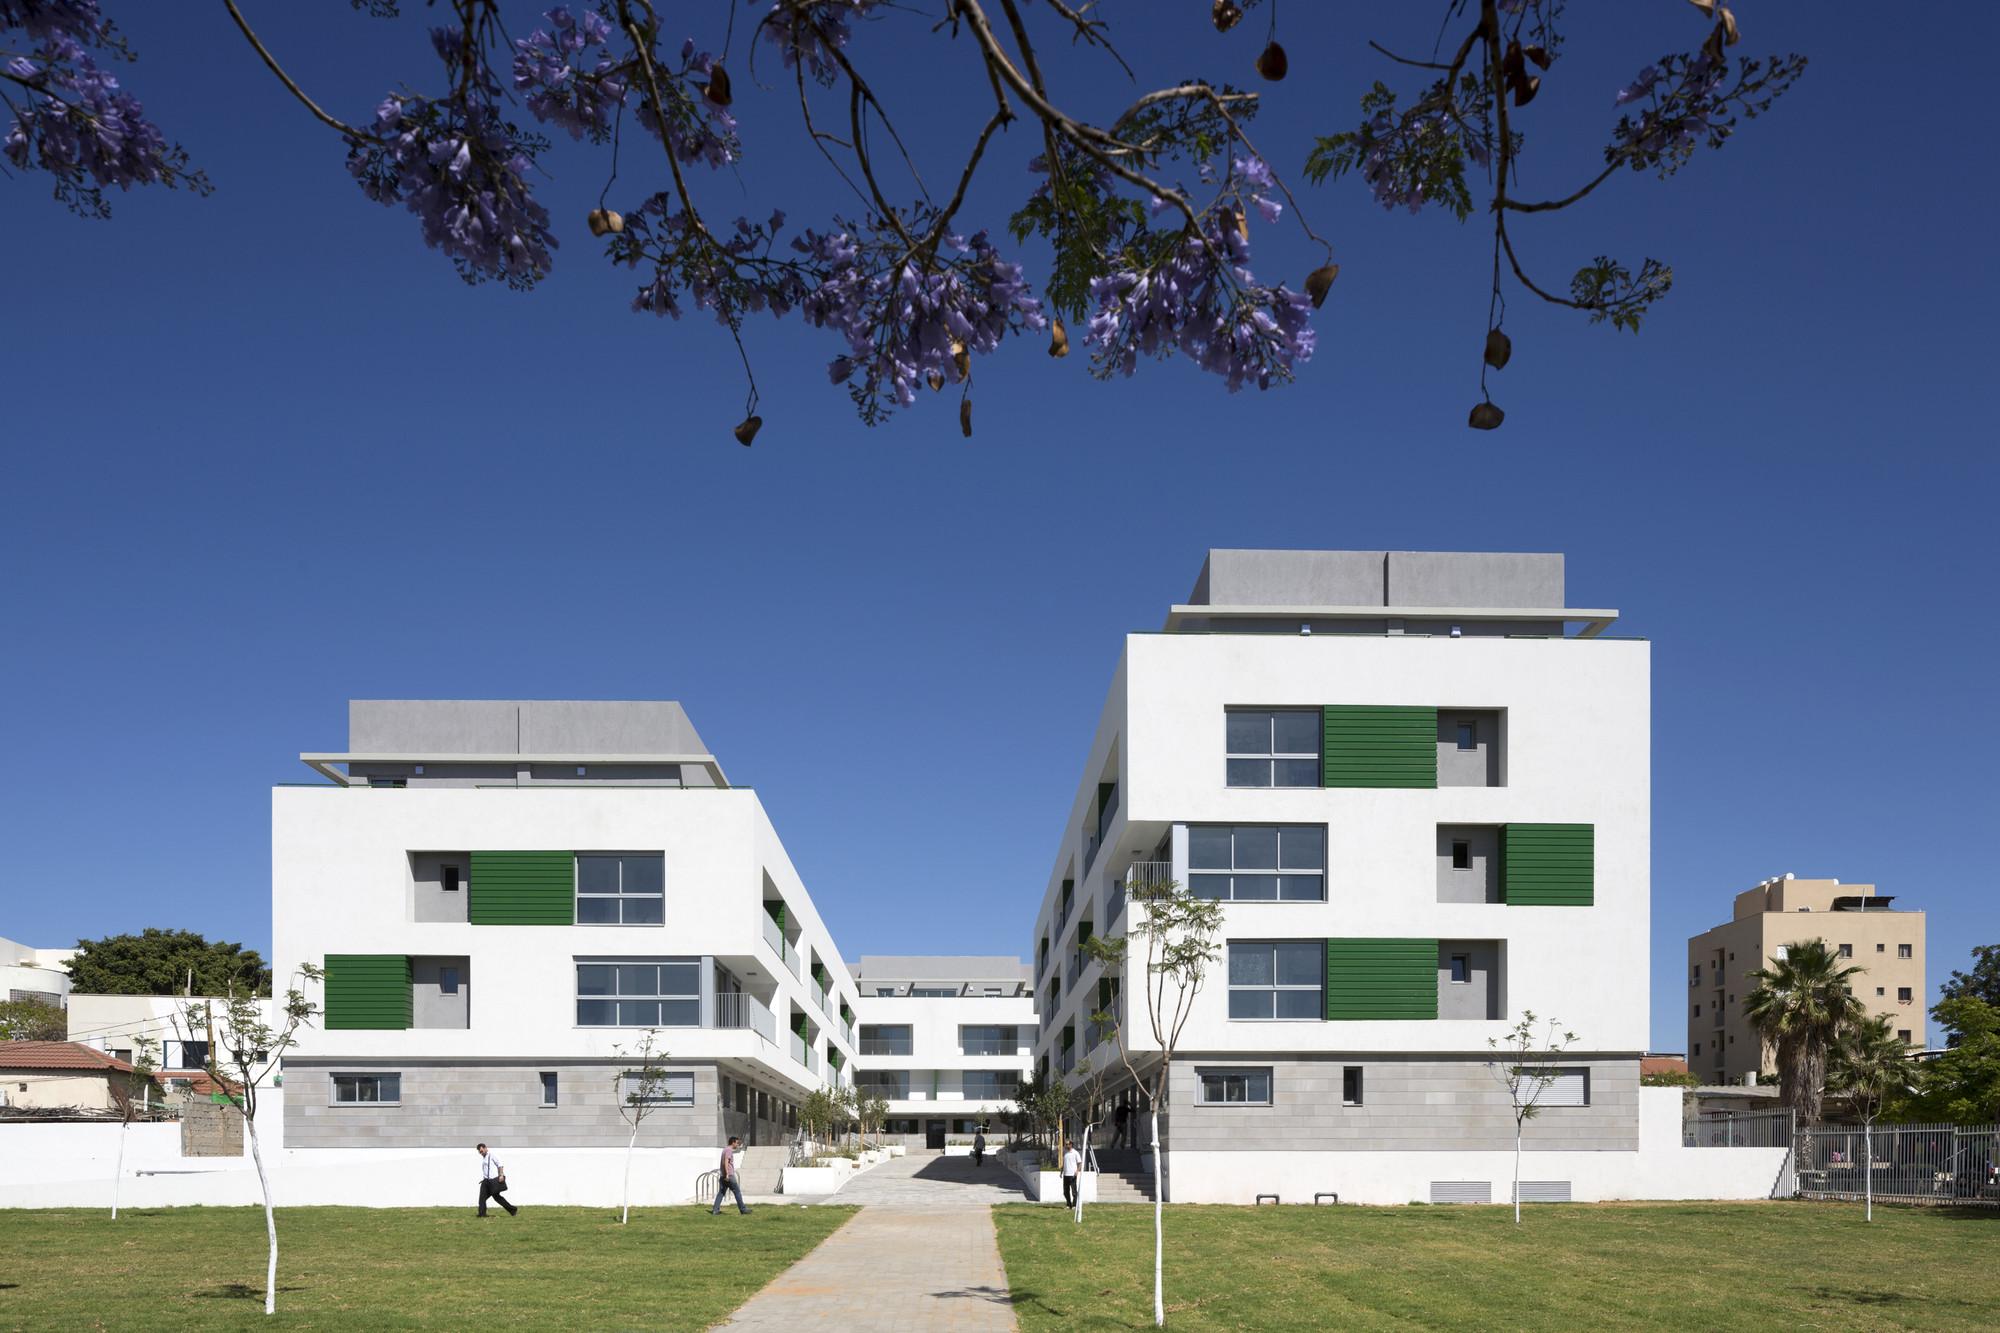 Ganei Shapira Affordable Housing / Orit Muhlbauer Eyal Architects, © Shai Epstein